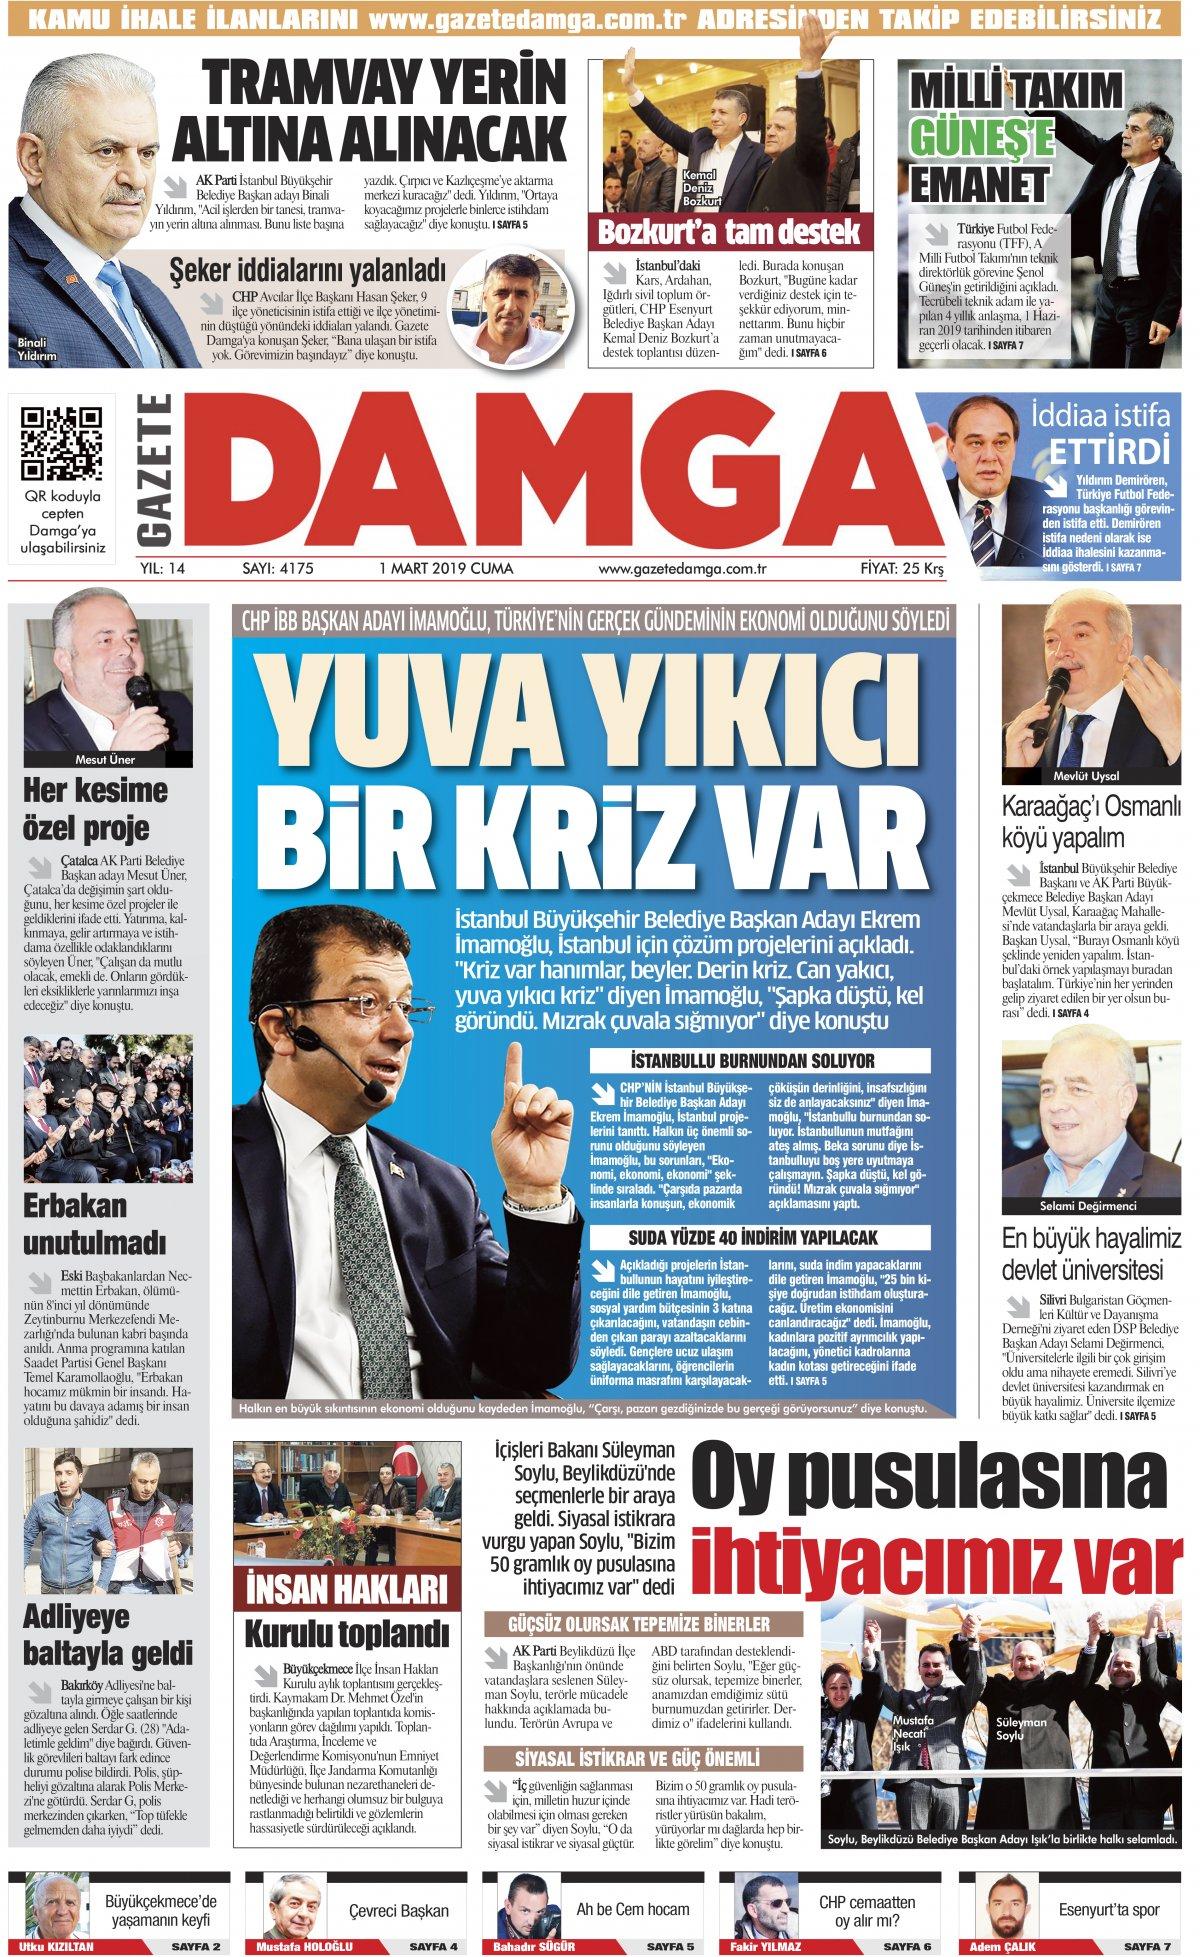 Gazete Damga - 01.03.2019 Sayfaları